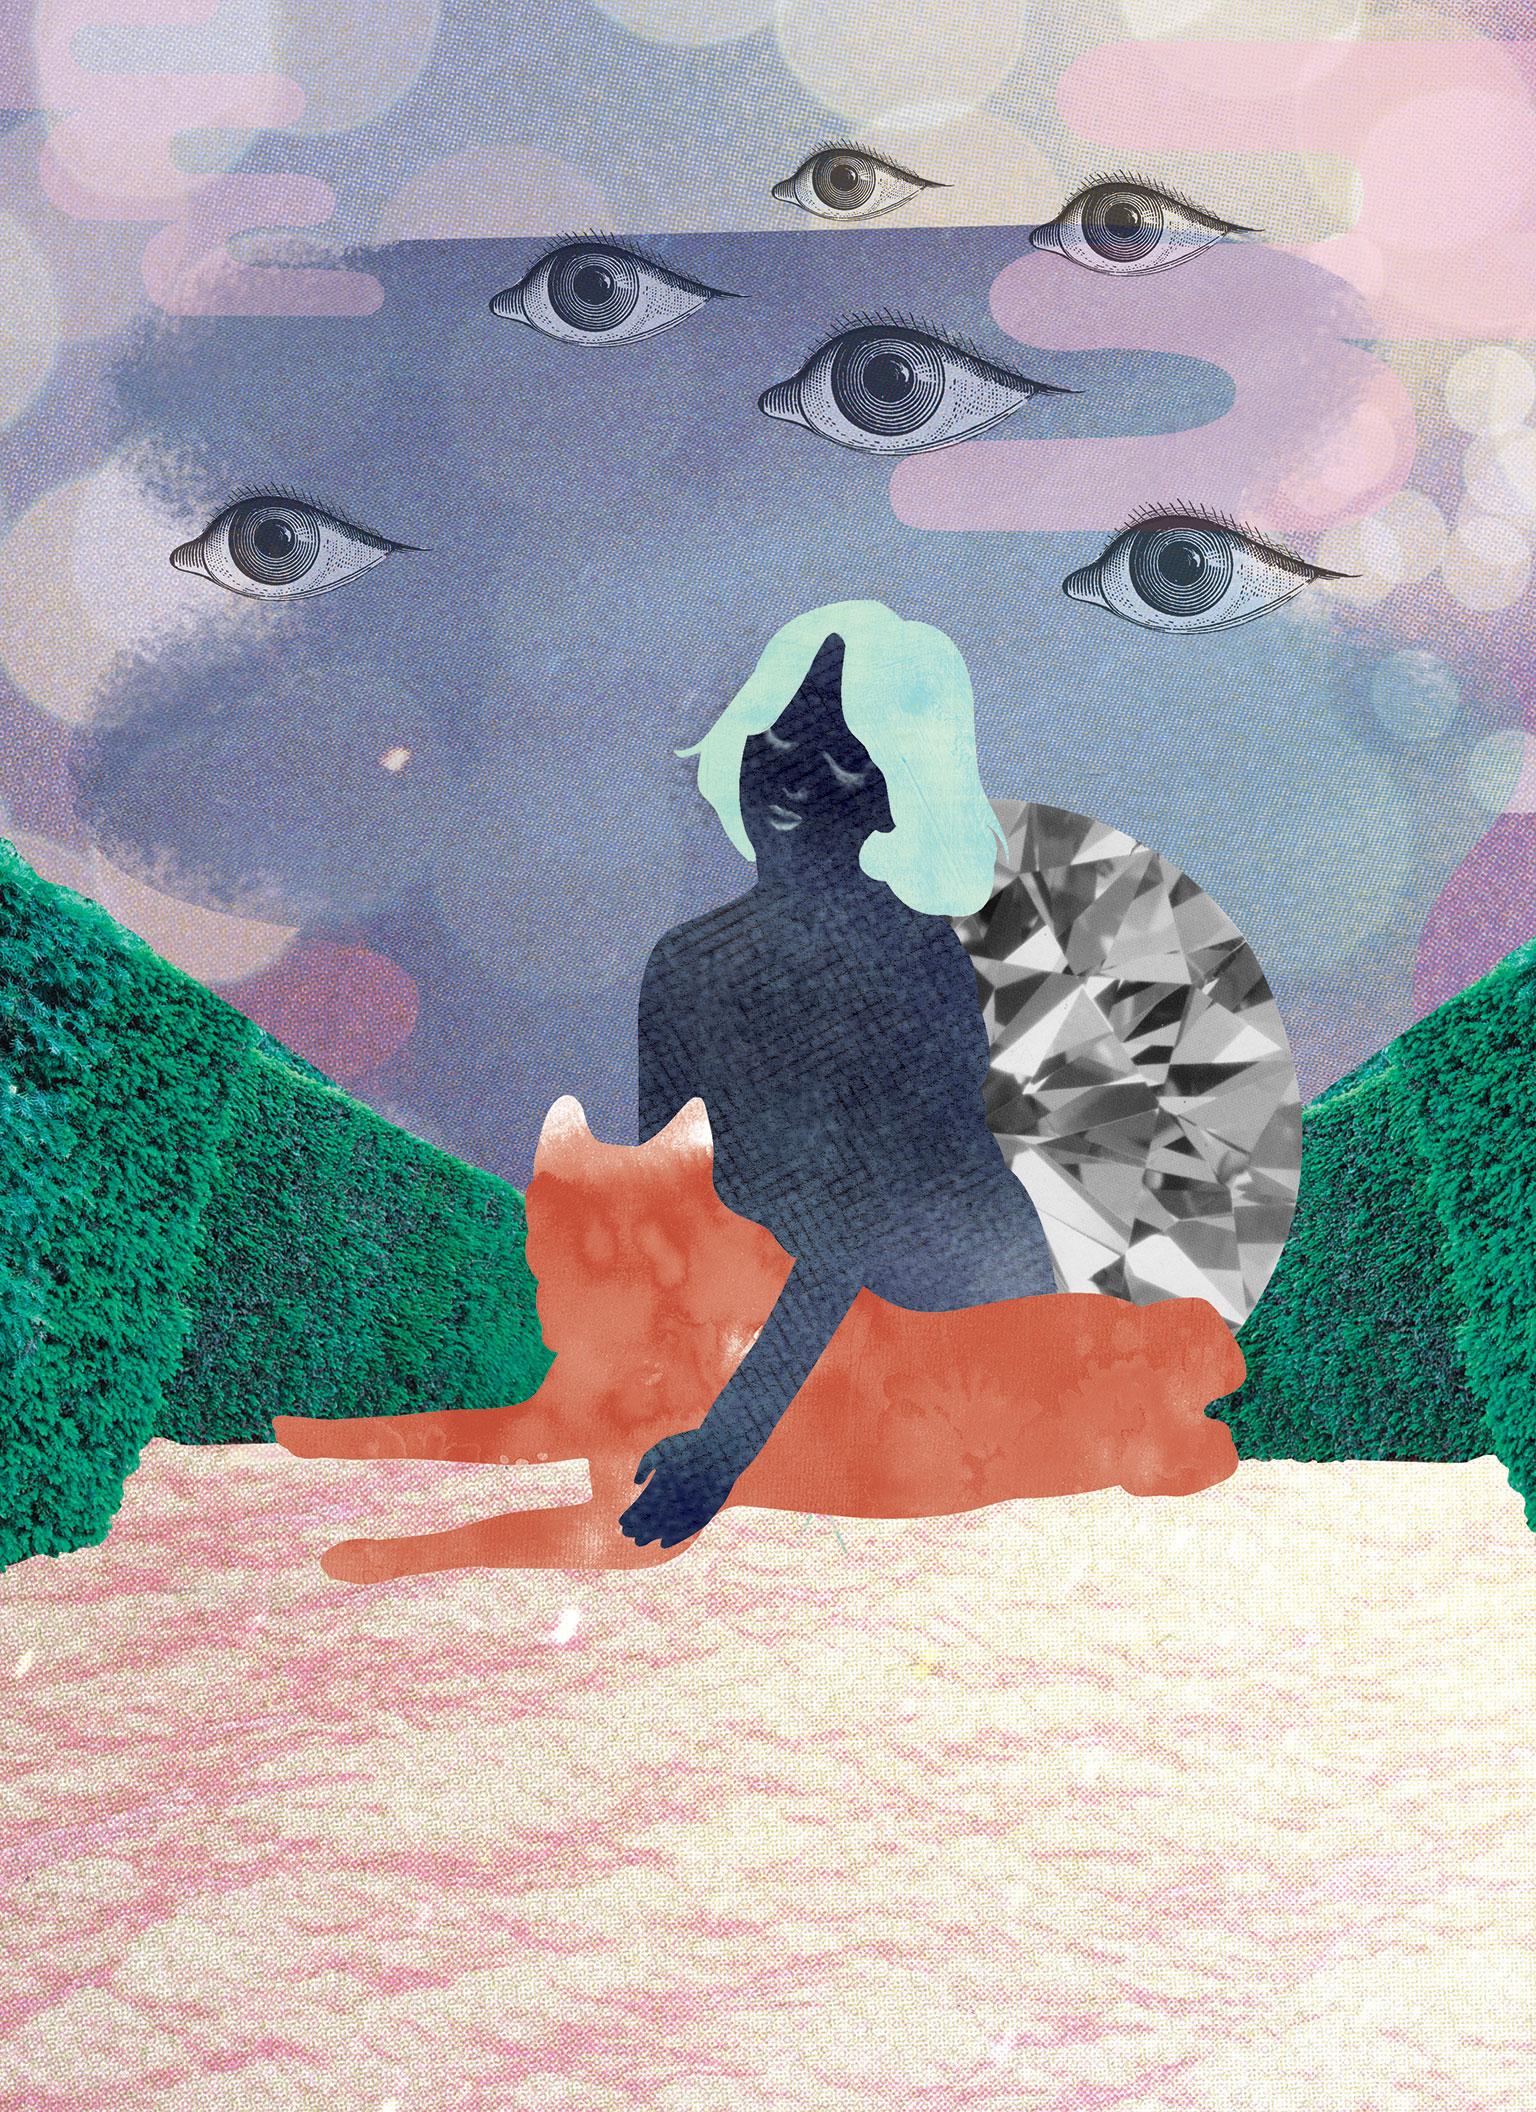 Illustration by Leeay Aikawa